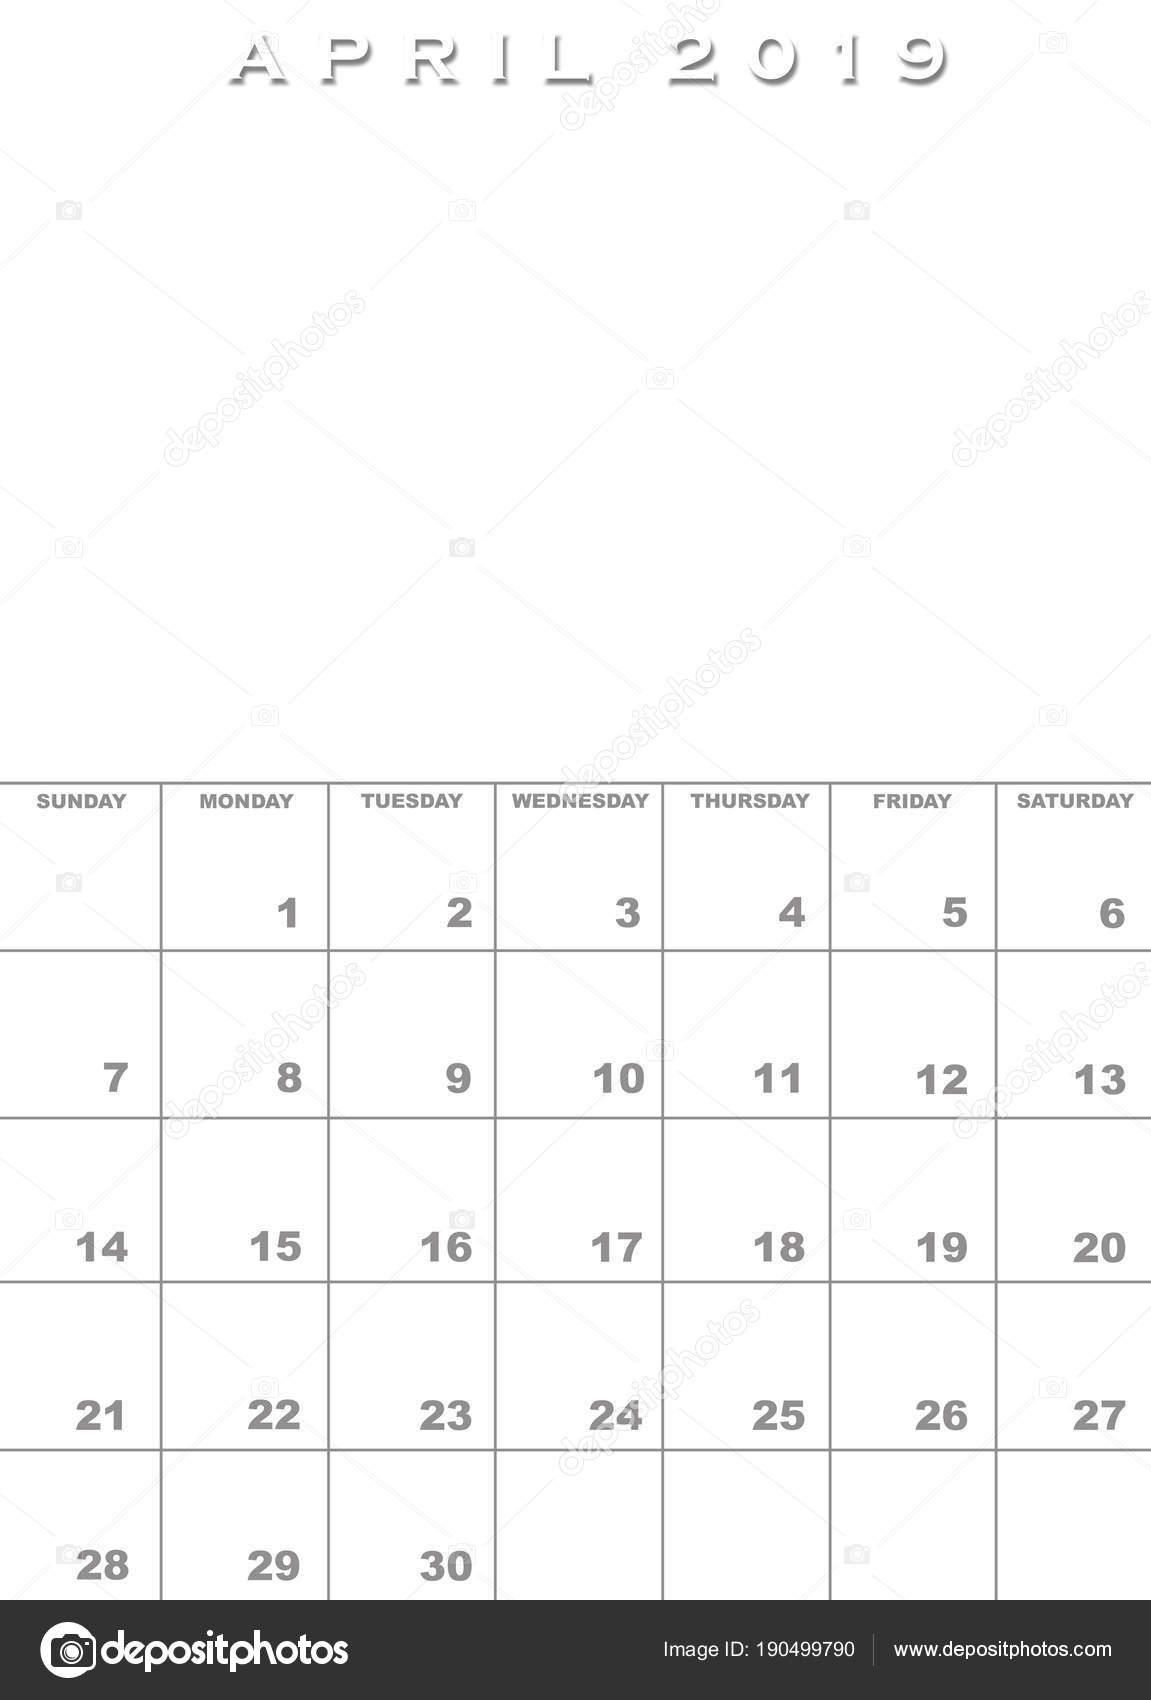 2019 áprilisi naptár Április 2019 Naptár sablon — Stock Fotó © paulvinten #190499790 2019 áprilisi naptár